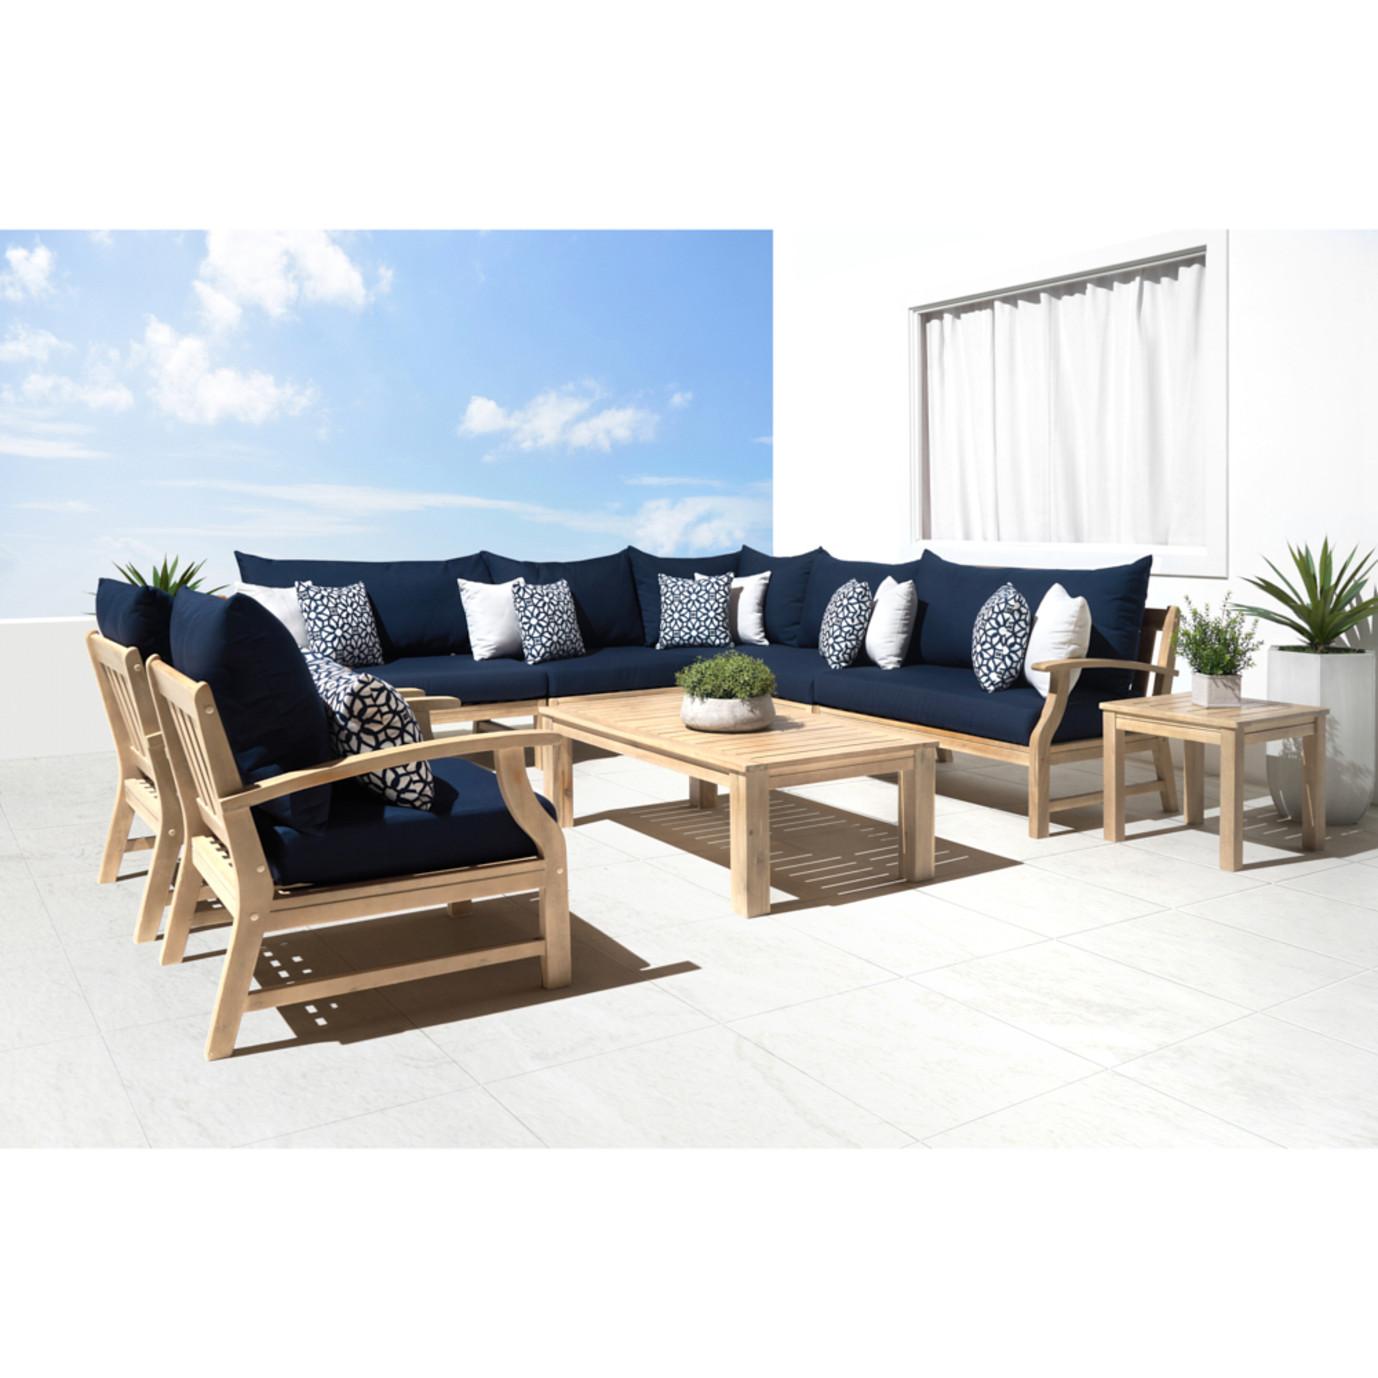 Kooper 9pc Seating Set - Navy Blue